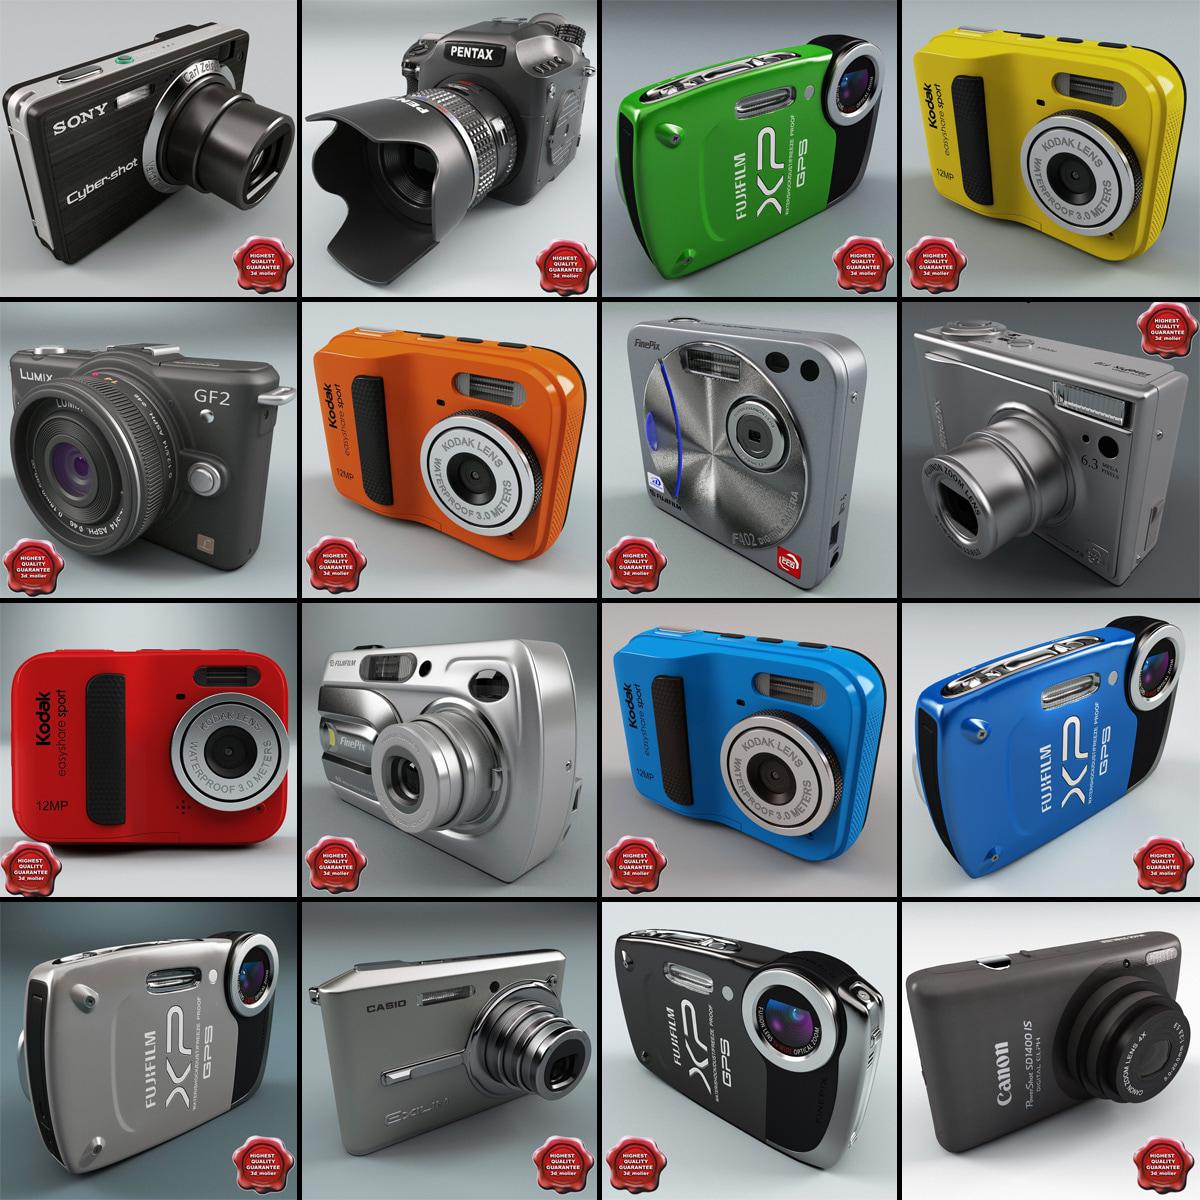 Digital_Cameras_Collection_V8_000.jpg